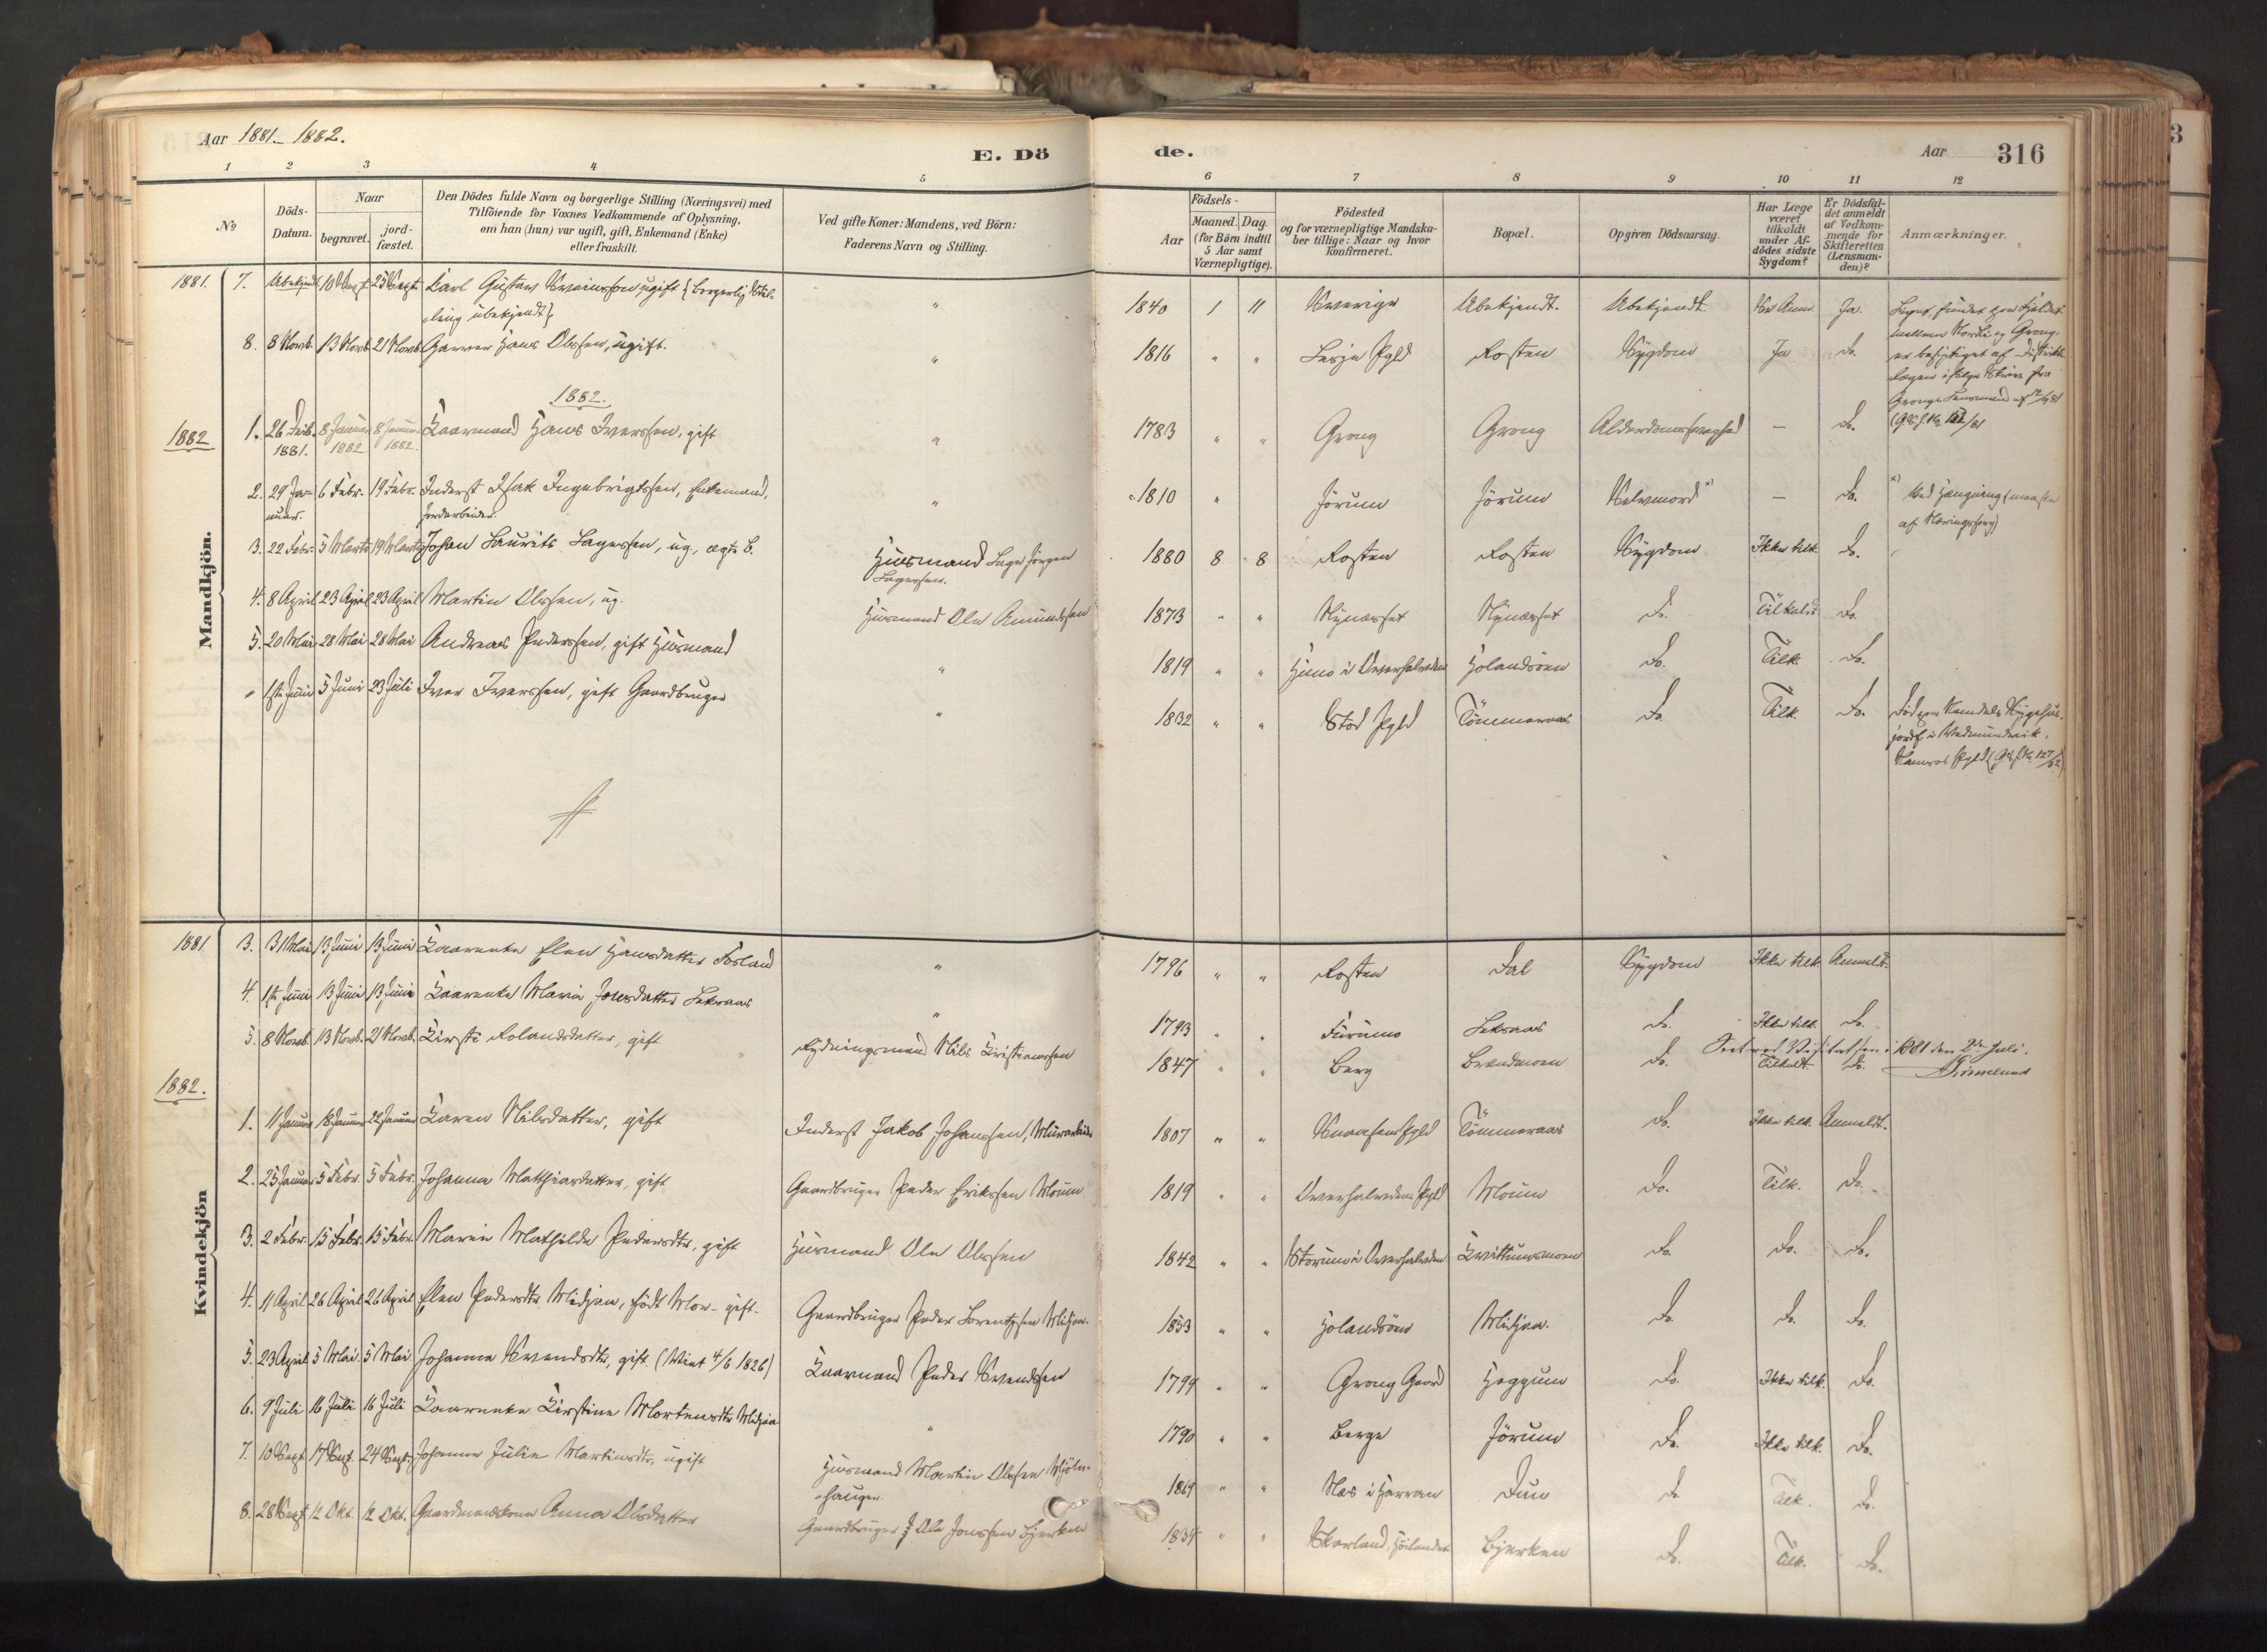 SAT, Ministerialprotokoller, klokkerbøker og fødselsregistre - Nord-Trøndelag, 758/L0519: Ministerialbok nr. 758A04, 1880-1926, s. 316